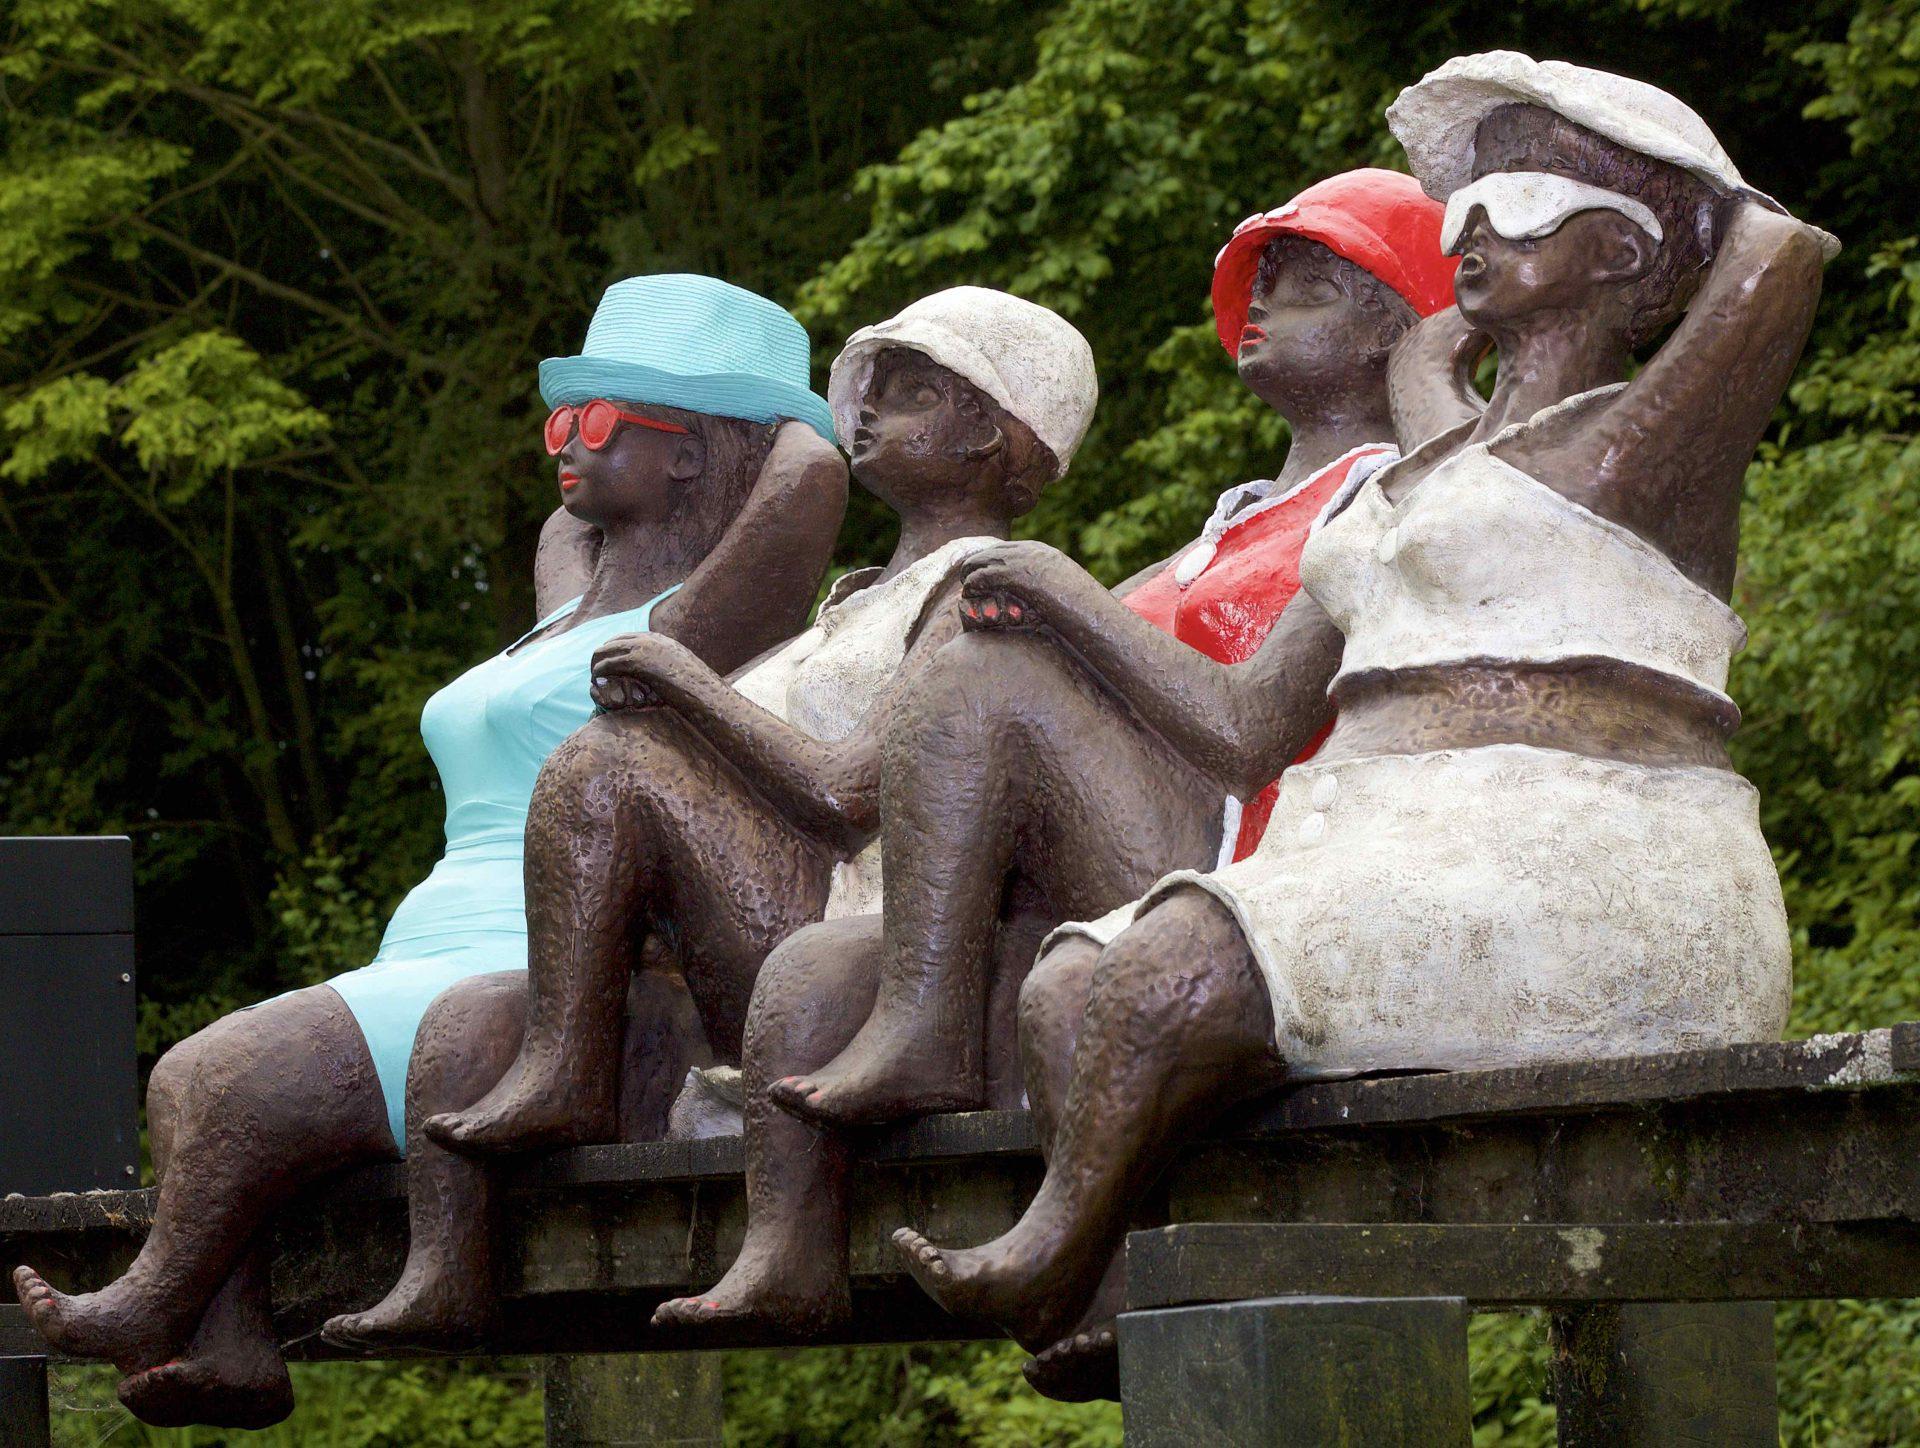 4 dikke madammen op een rij, elk 1 meter groot, kunnen in tuin zitten of aan water geplaatst worden blije kunst, vrolijke kunst